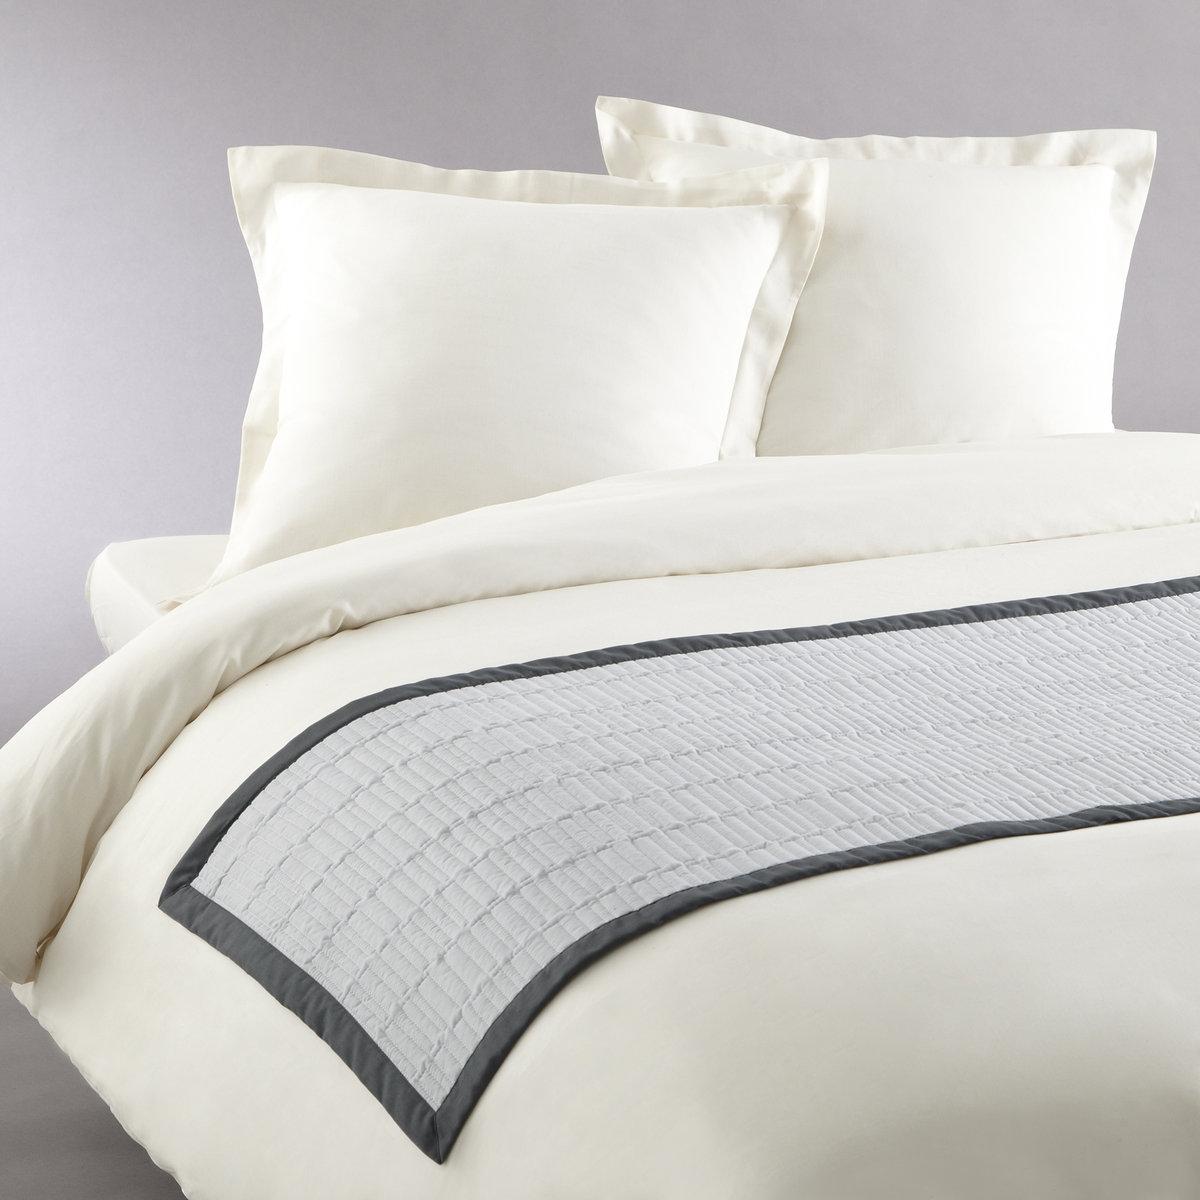 Покрывало декоративное АймаНовый взгляд на дизайн спальни!Описание:100% полиэстера, 90 г/м?. Наполнитель из 100 % полиэстера (80 г/м?) Обшивка краев 3 см. Стирка при 40°. Другие декоративные покрывала Вы можете найти на laredoute.ru<br><br>Цвет: светло-серо-коричневый/бежевый,светло-серый/темно-серый